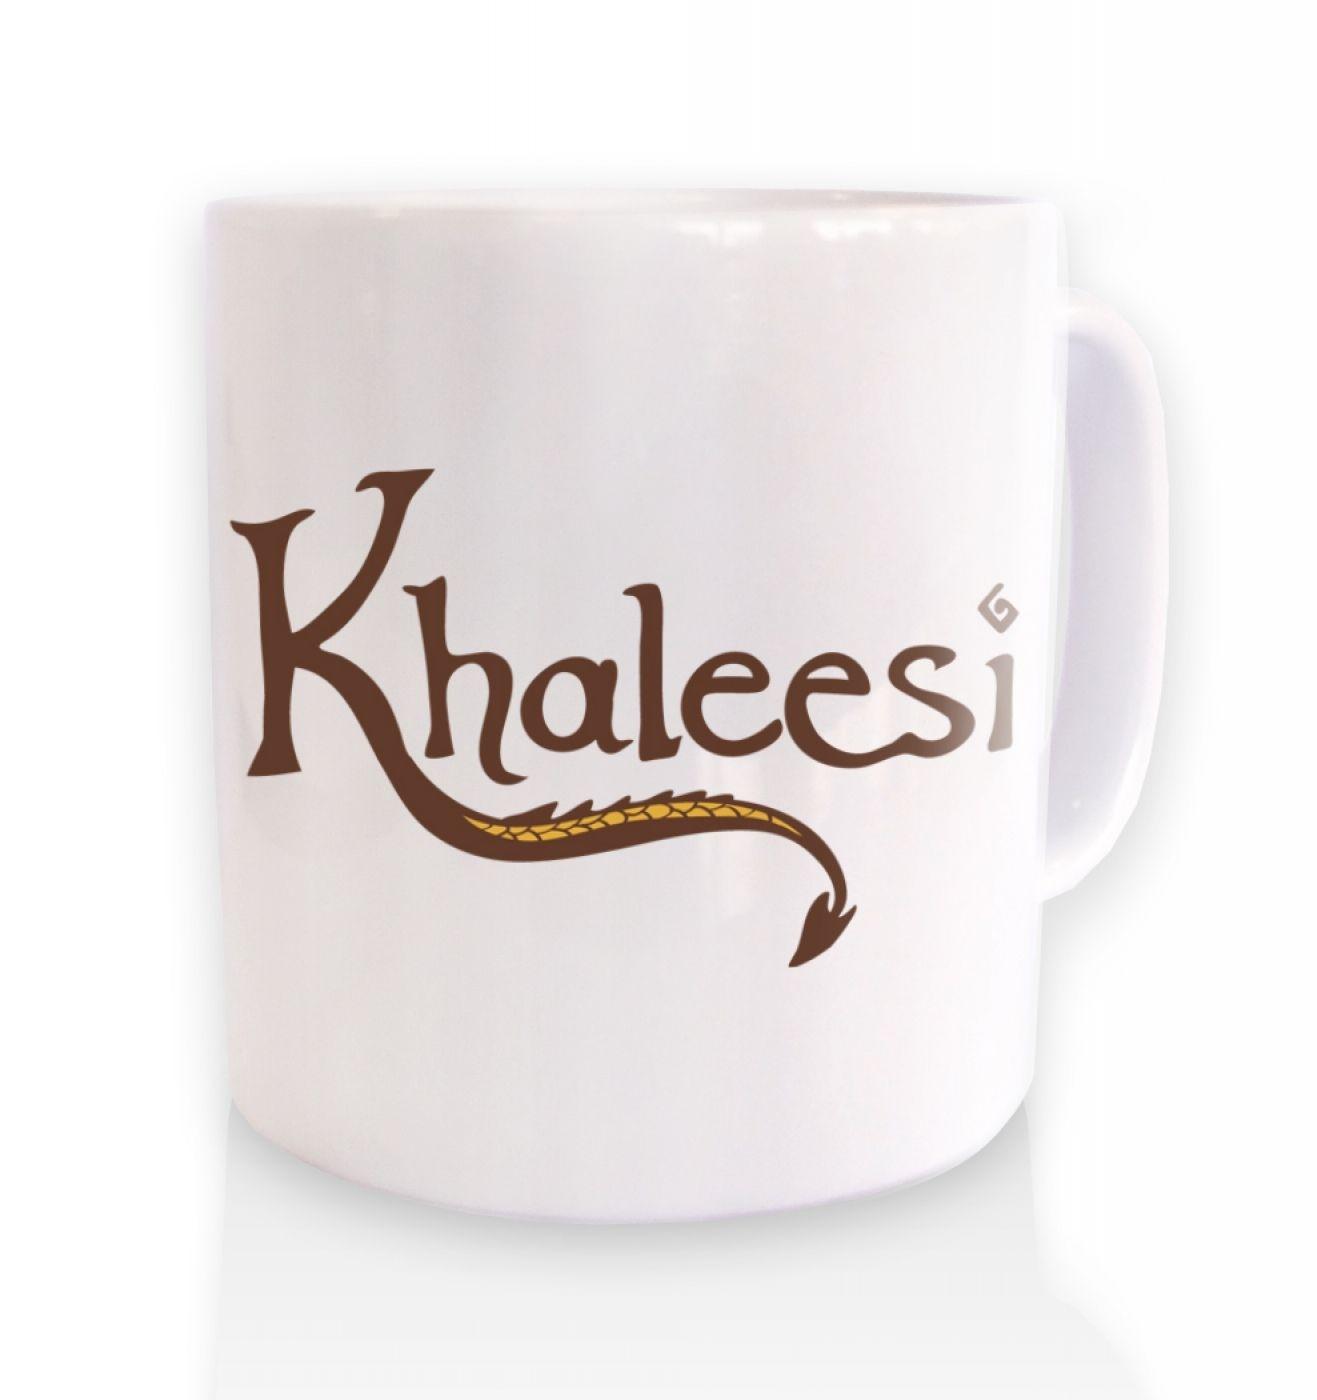 Khaleesi (brown) Mug - Inspired by Game of Thrones